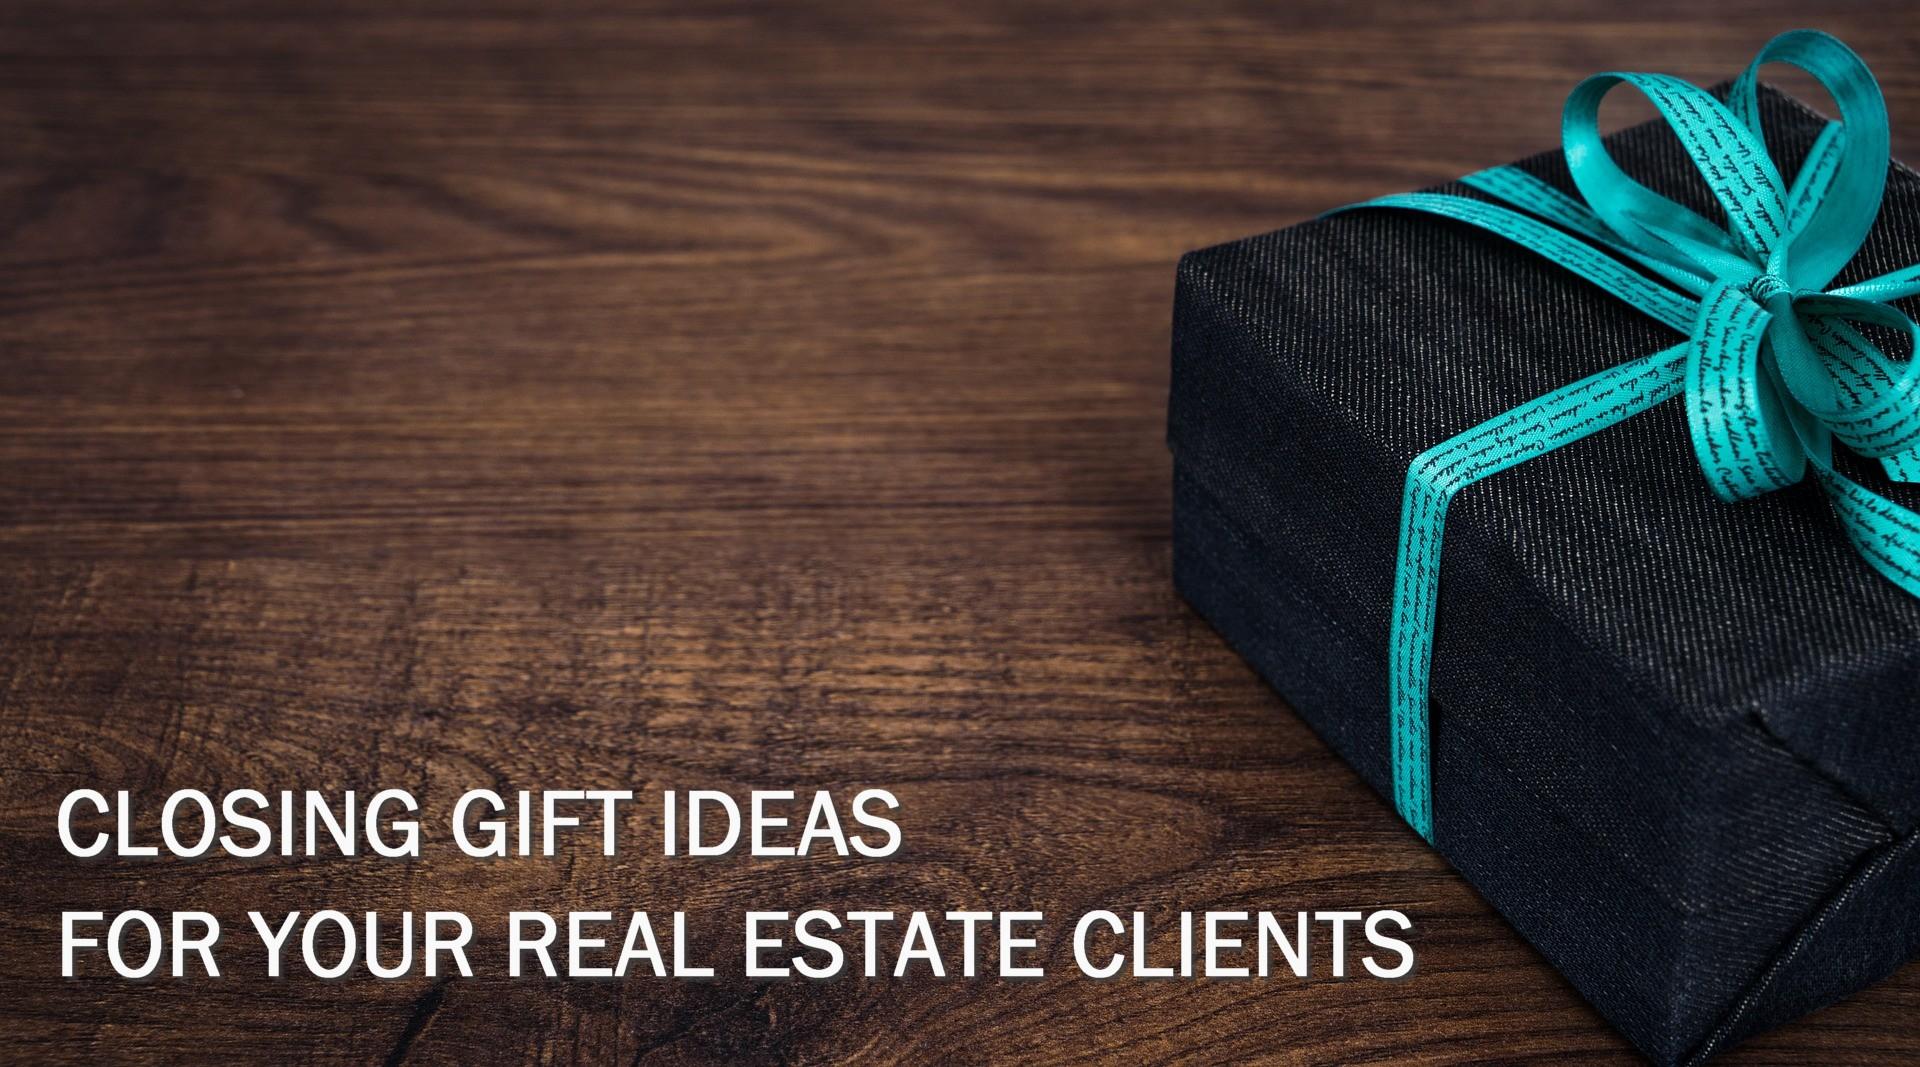 3 fun idea closing gift ideas